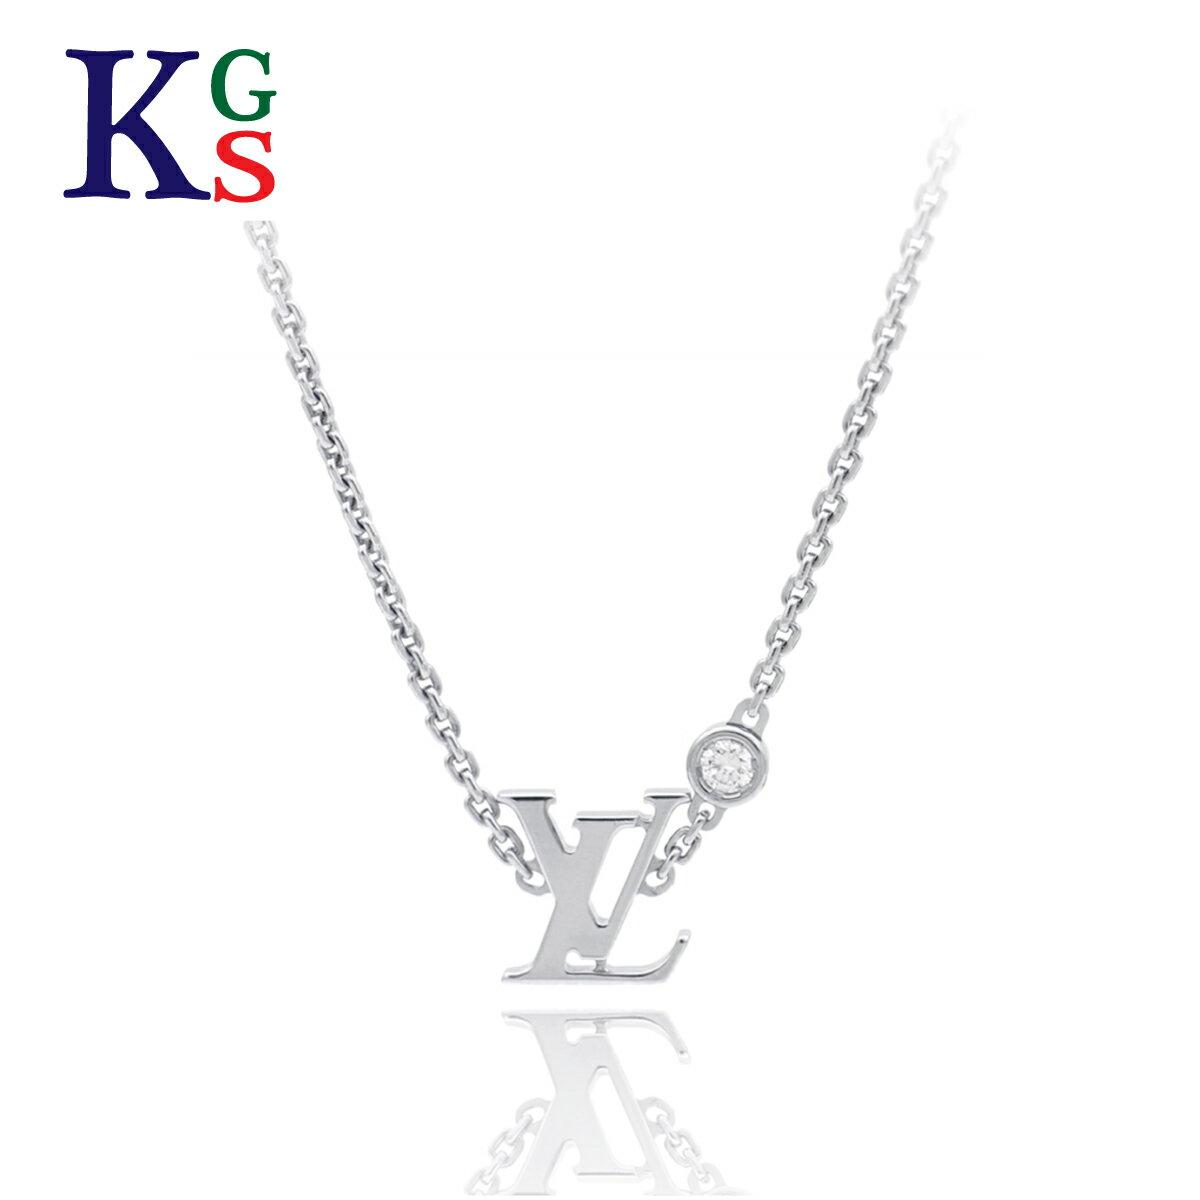 レディースジュエリー・アクセサリー, ネックレス・ペンダント Louis Vuitton 1P K18WG Q93653 1015